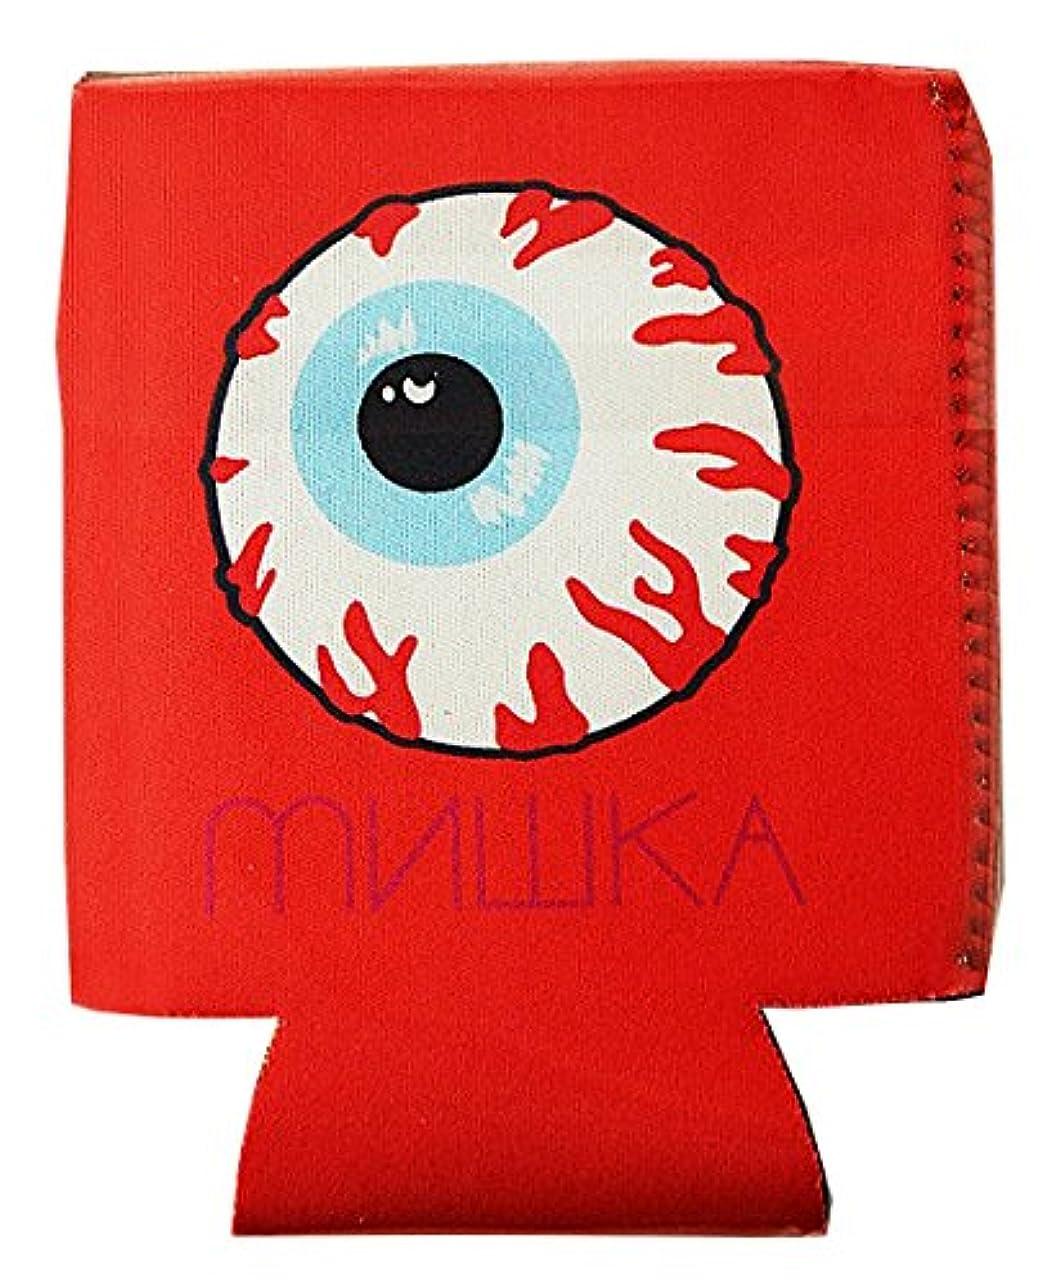 書士カテゴリーバンド(ミシカ)MISHKA 350ml缶 クージー アクセサリー アウトドア OUTDOOR KEEPWATCH Koozie Red(レッド)